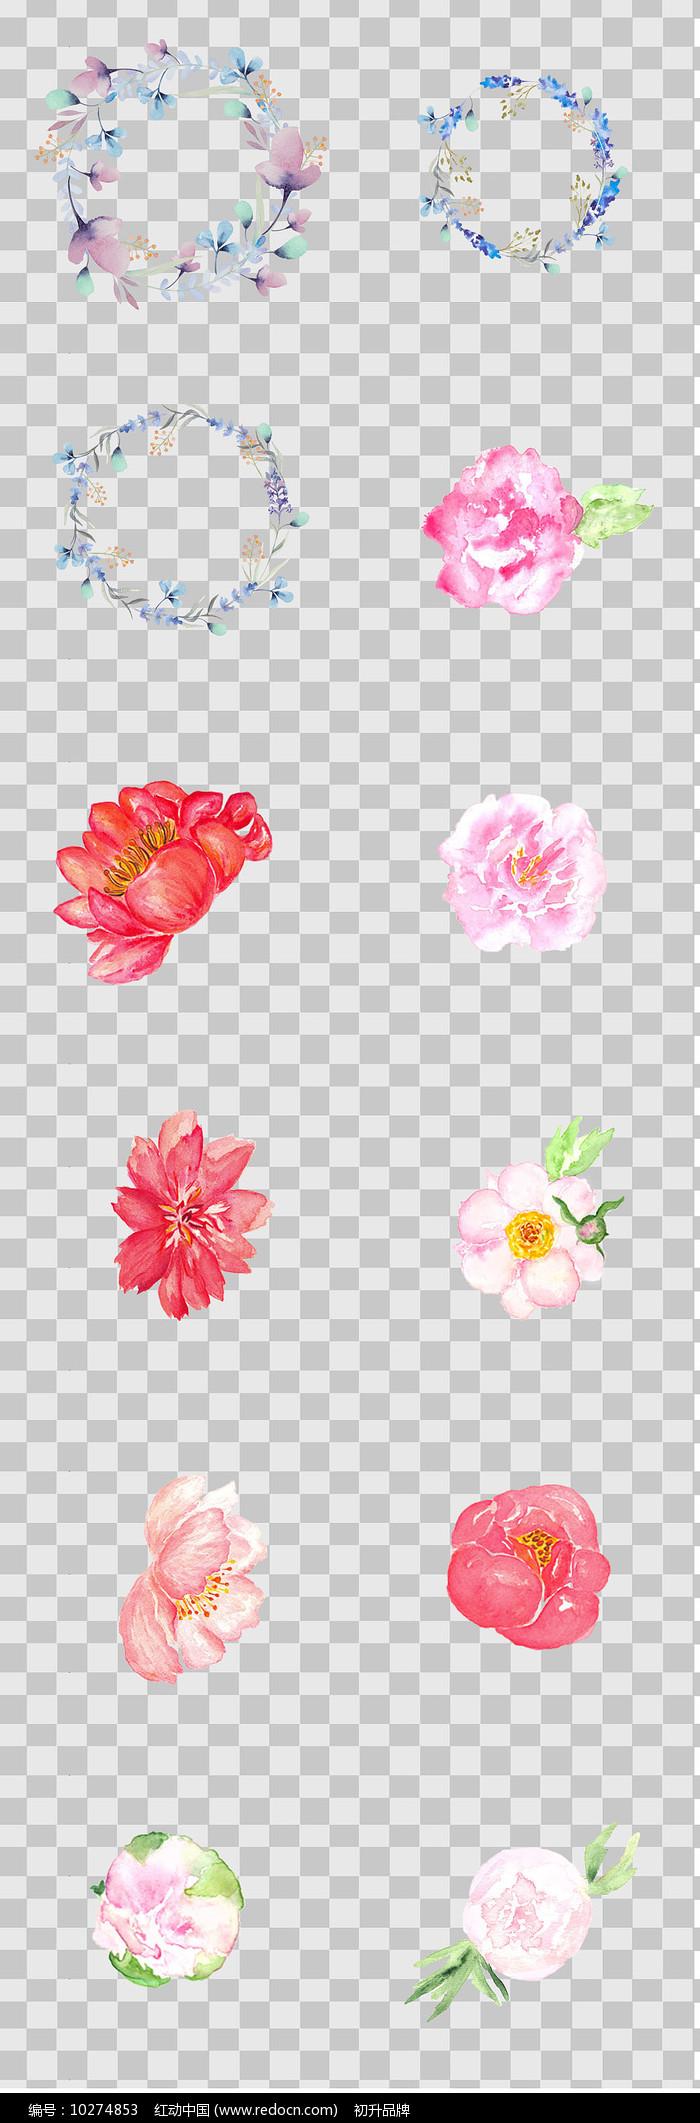 水彩手绘花卉素材图片